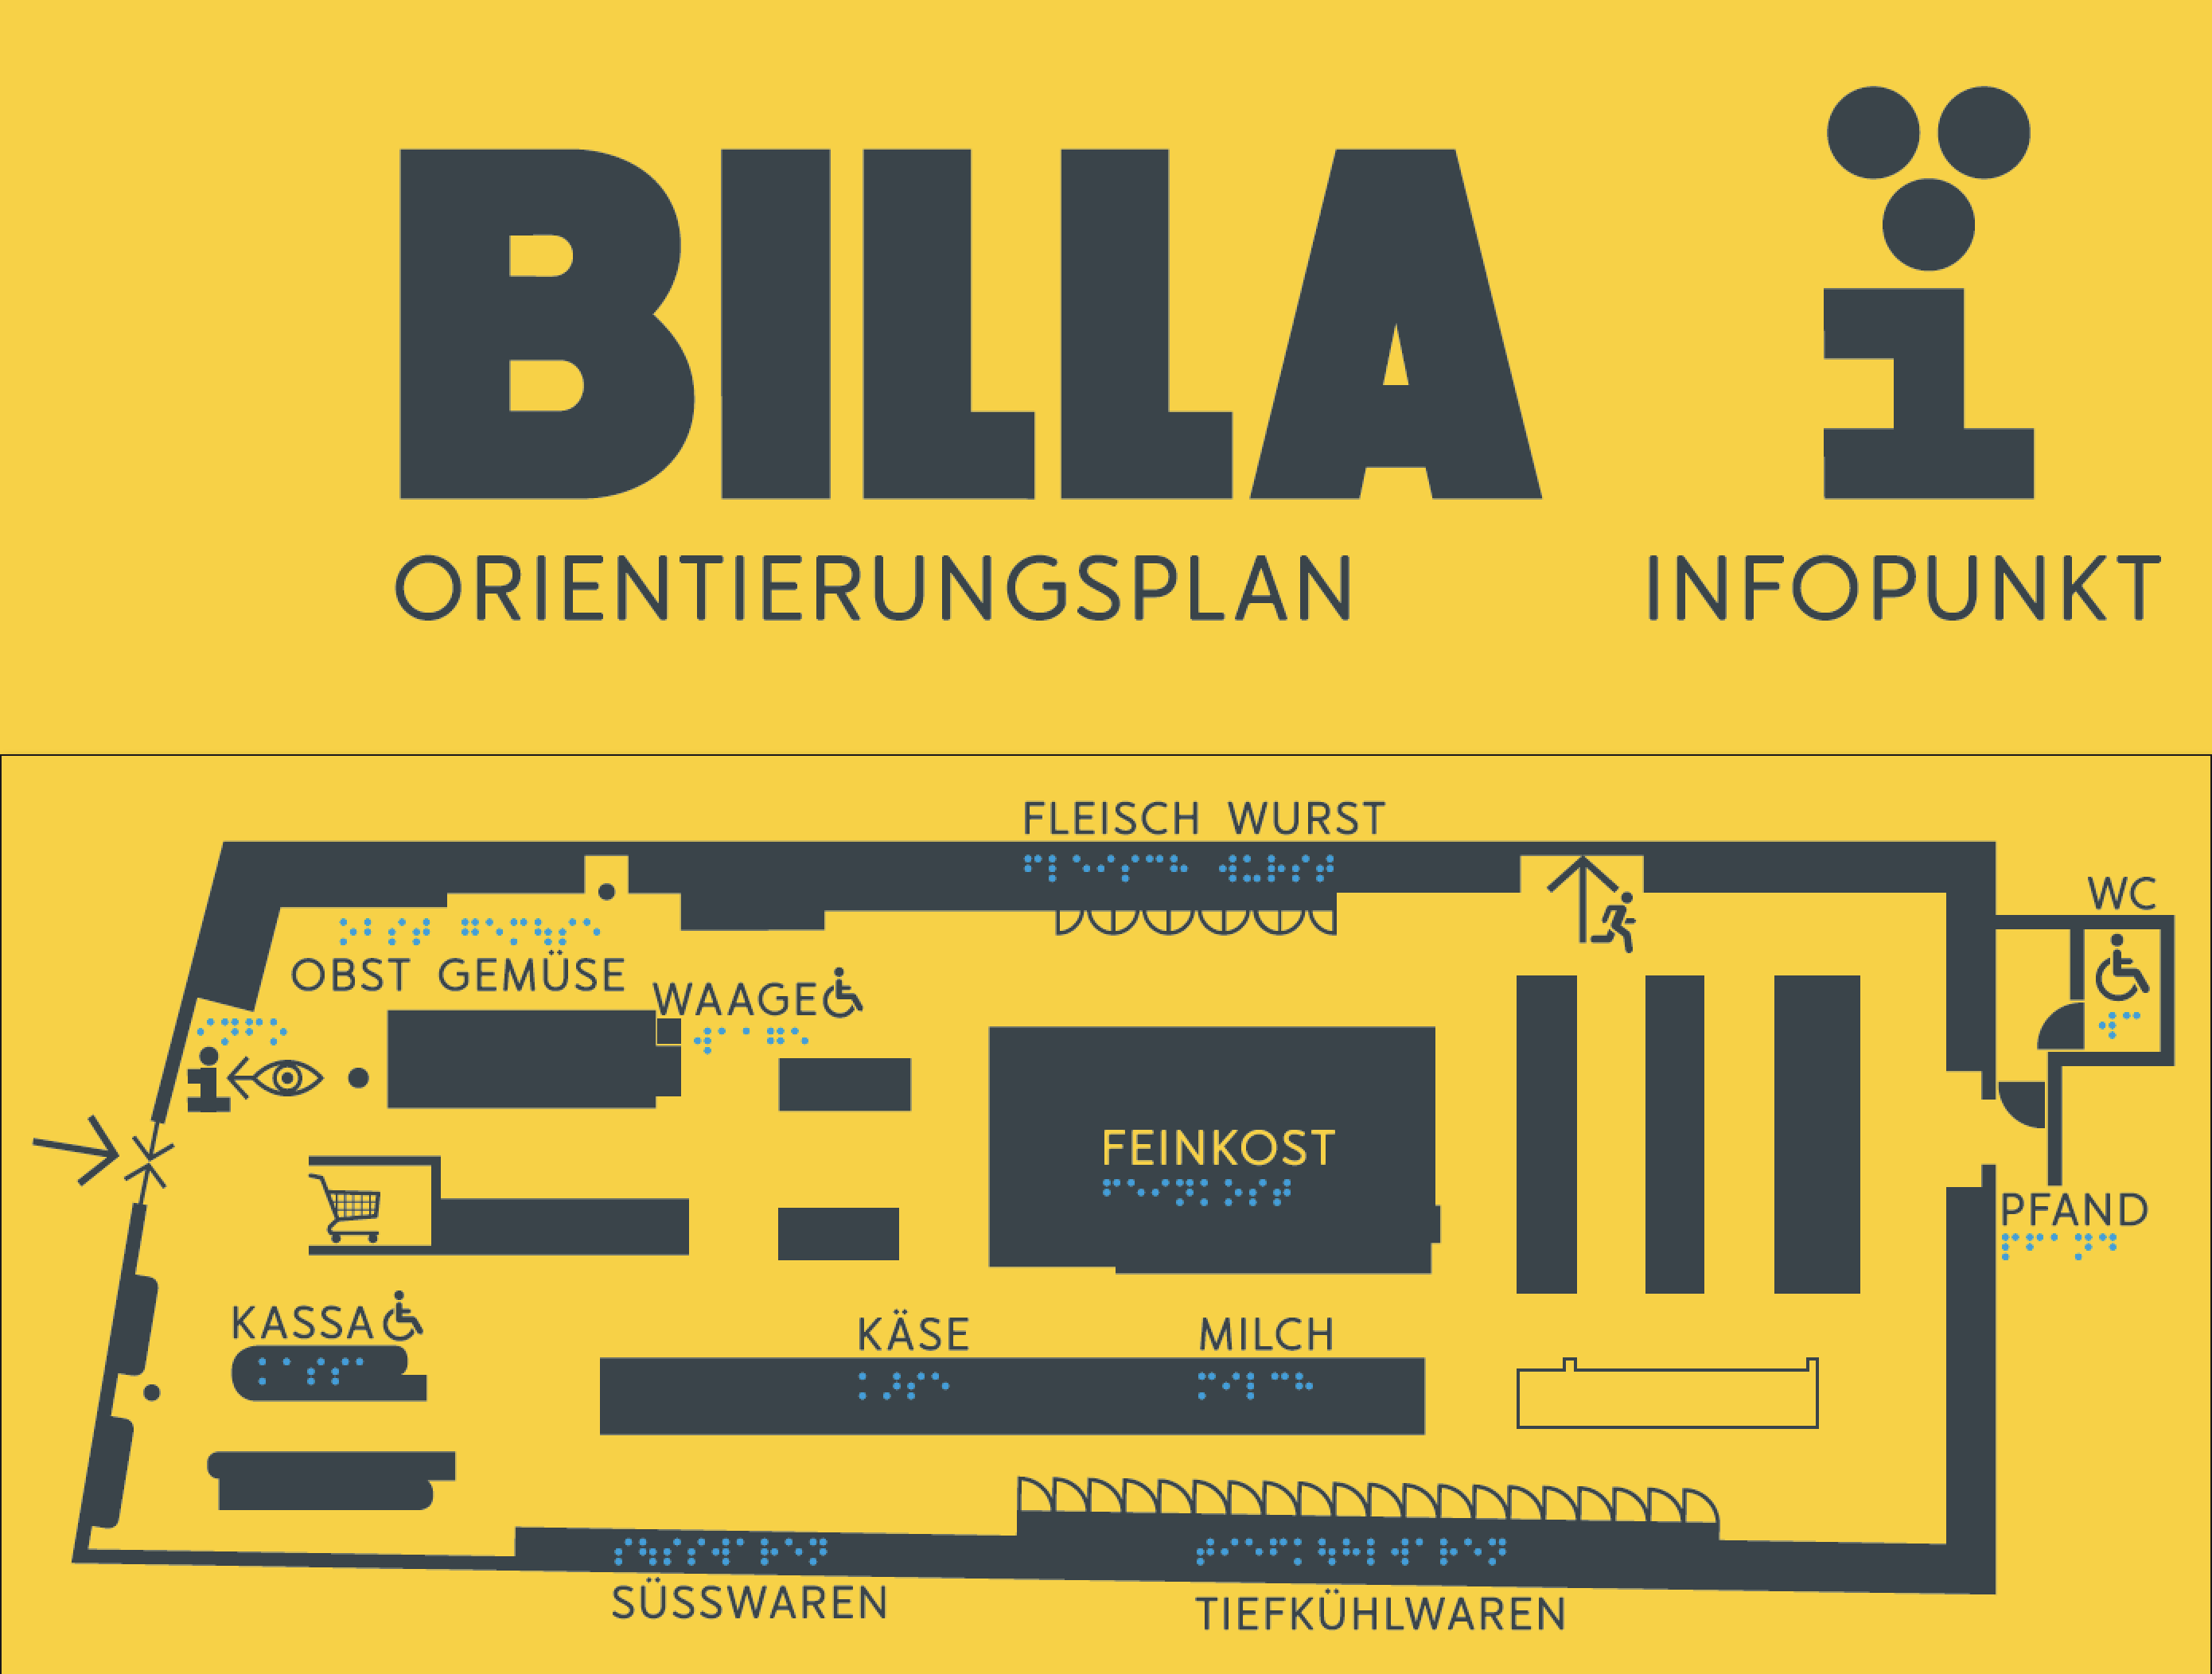 Billa Wien taktiler Orientierungsplan